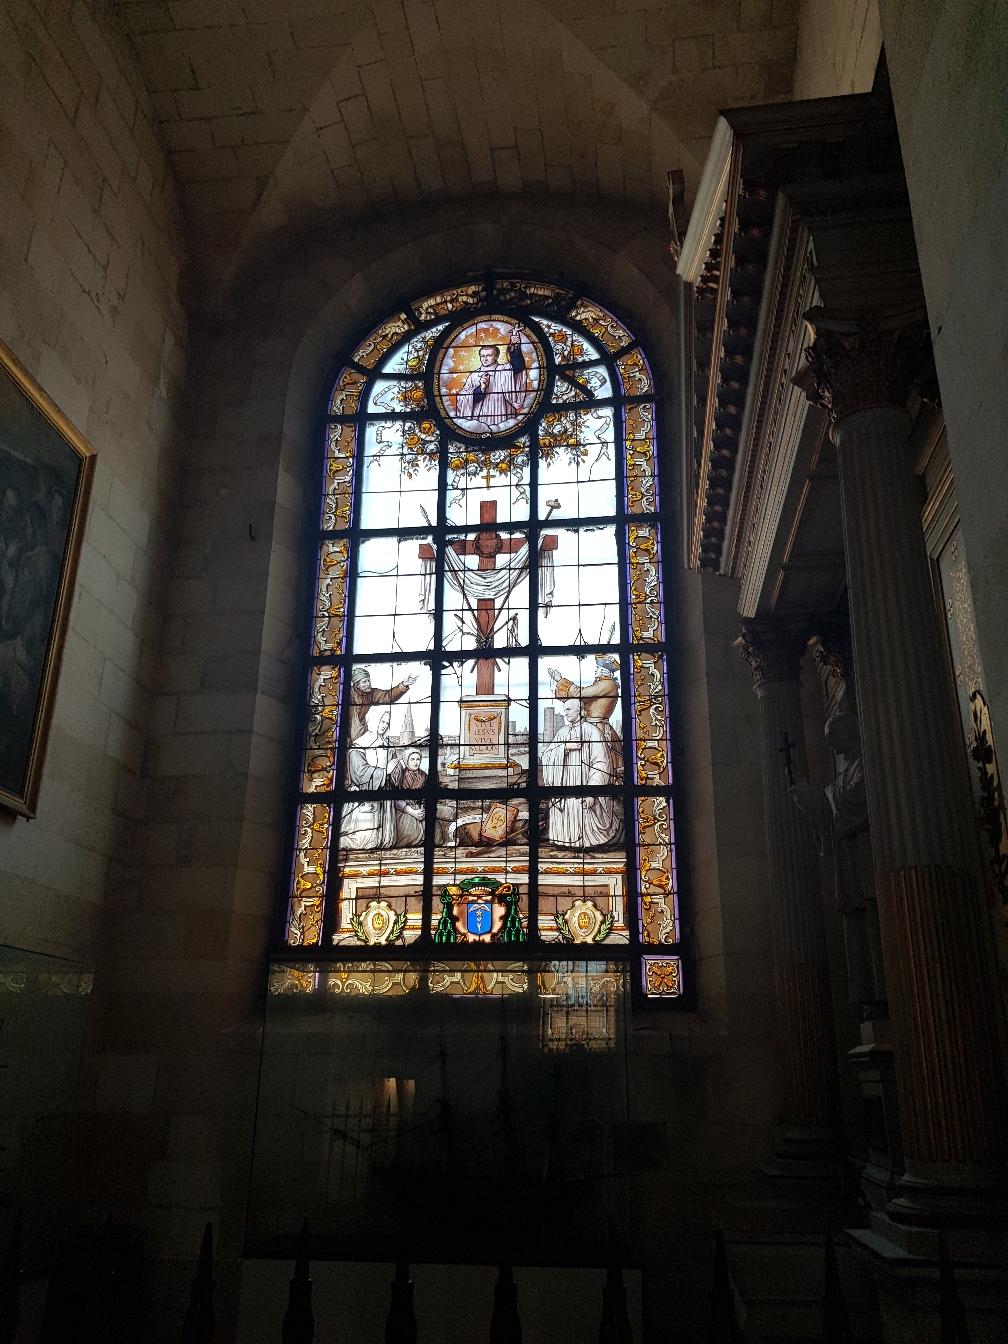 Mal ein wenig andere Kirchenbilder